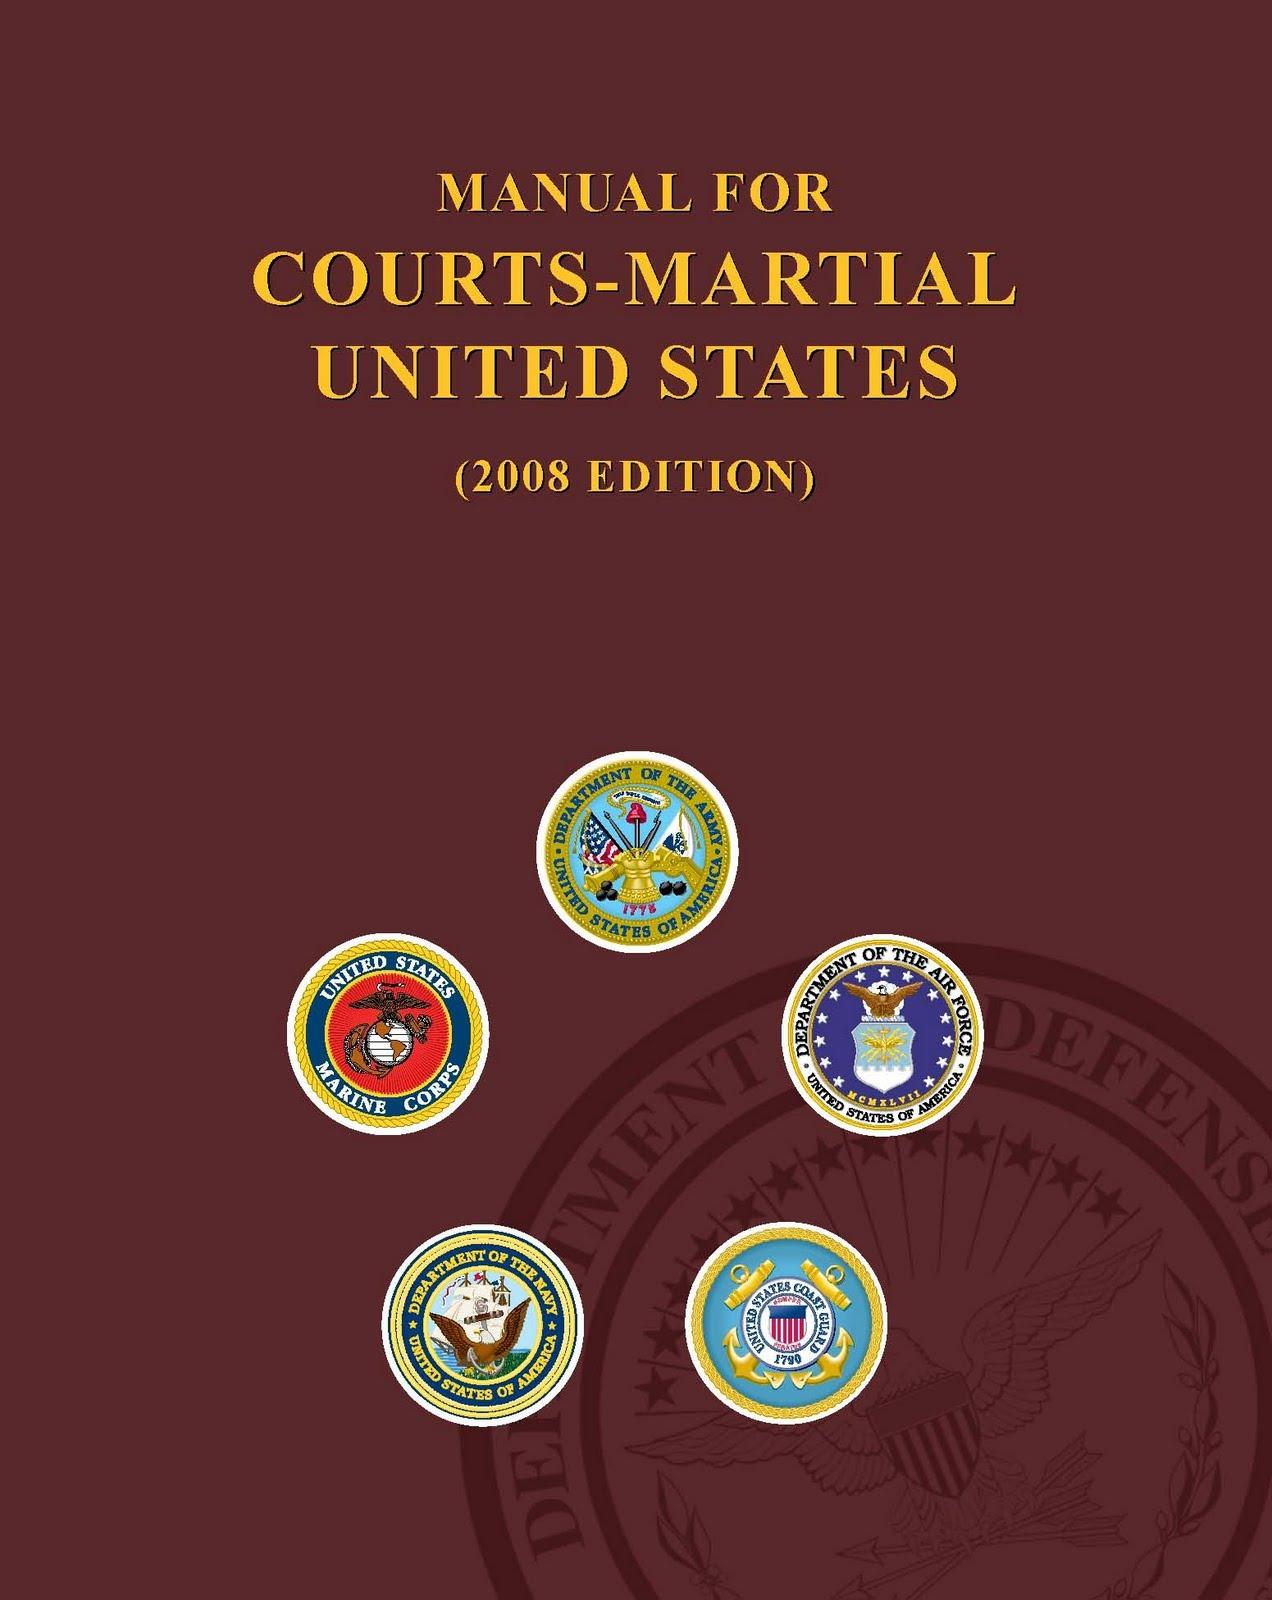 dm guidebook original cover